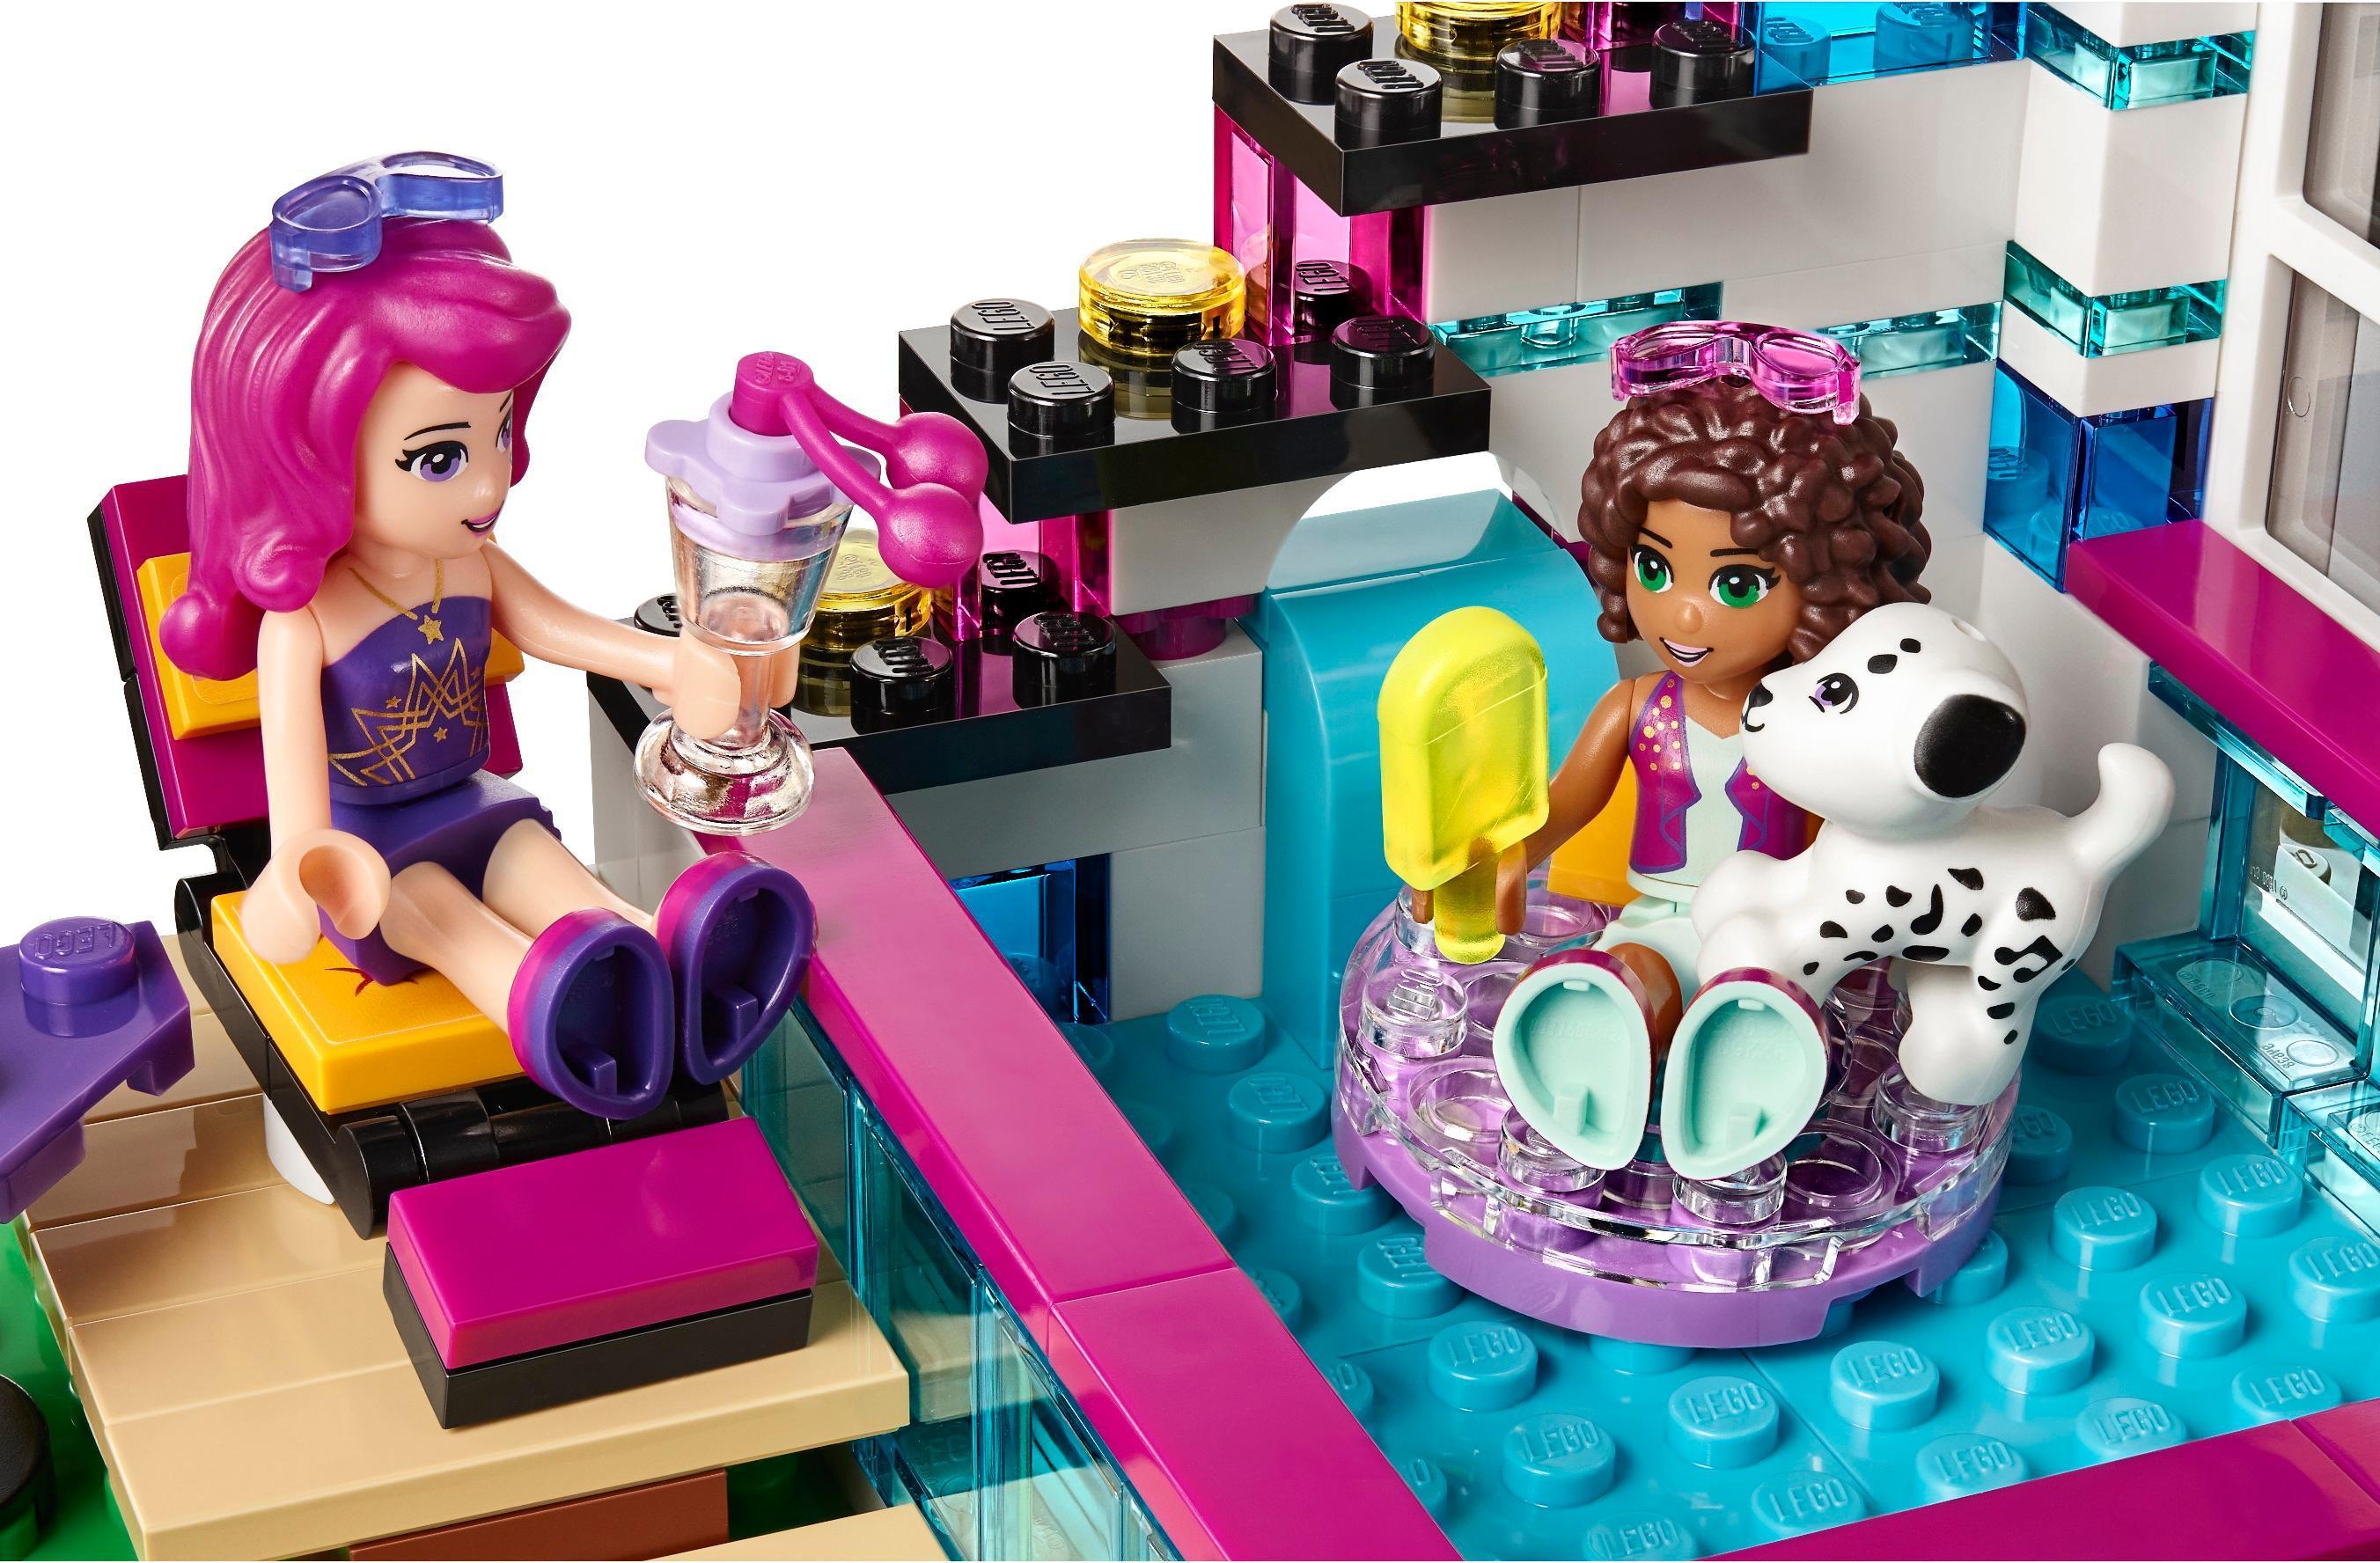 Lego friends pop star casa de livi 41135 juguetes y juegos - Lego friends casa de livi ...